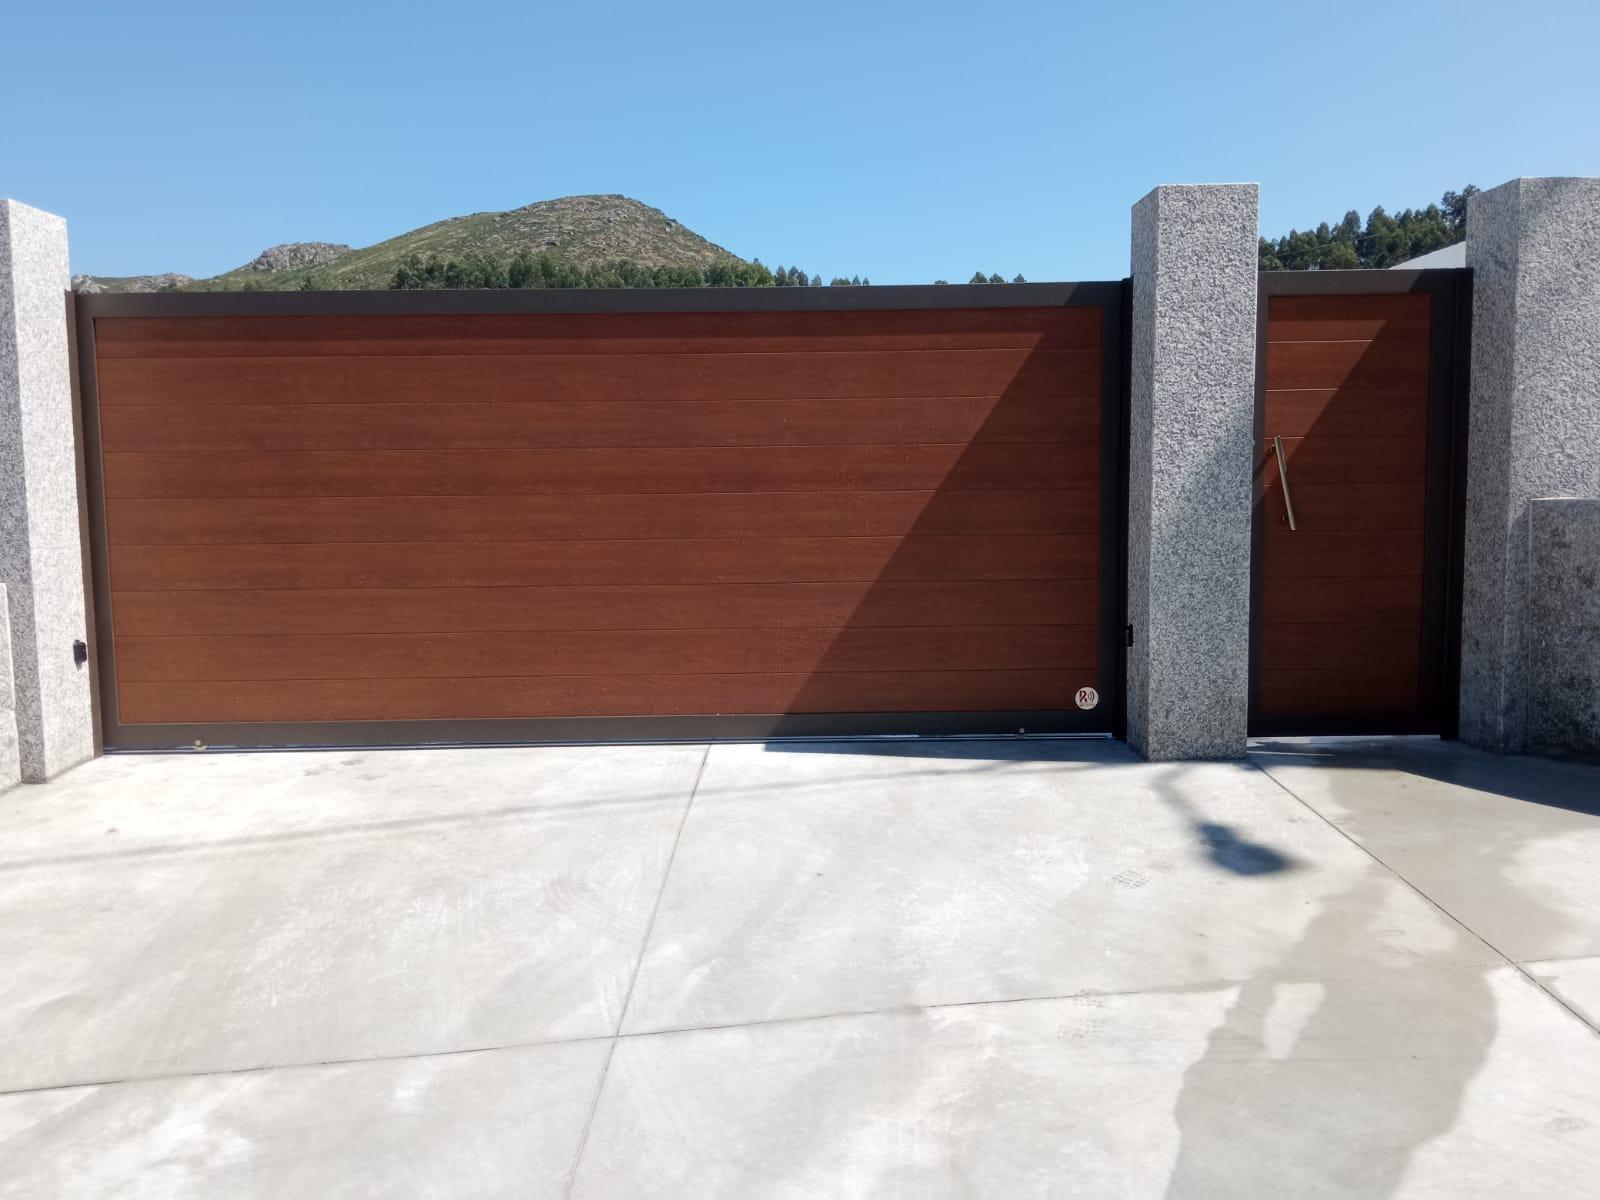 Portales de aluminio imitación madera instalados en Fornelos de Montes 2